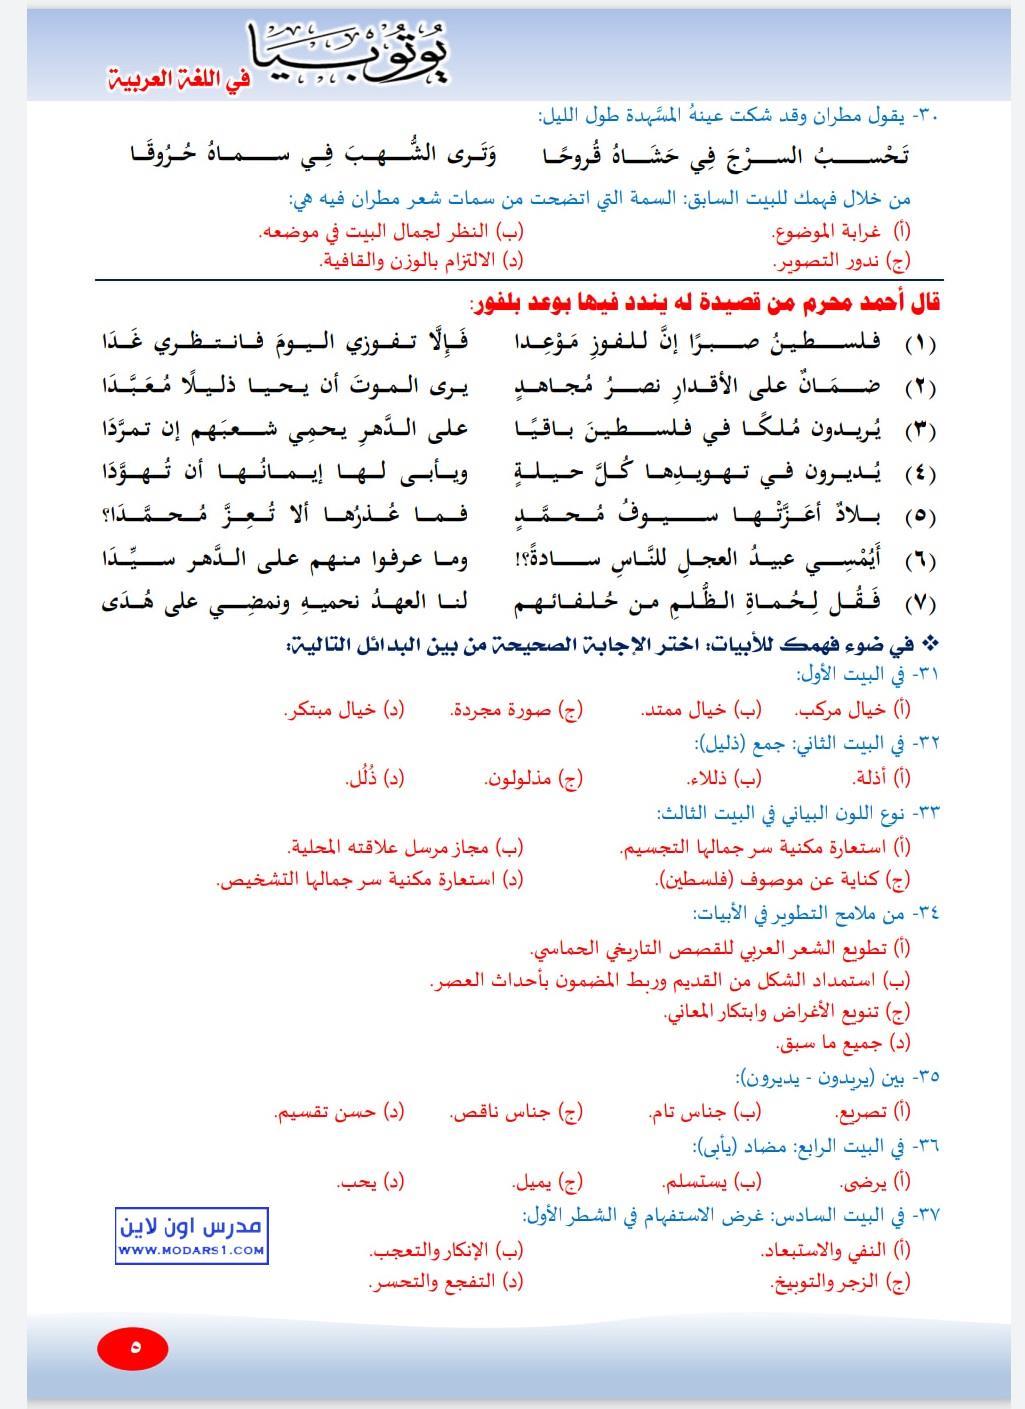 امتحان لغة عربية 3 ثانوي 2021 نظام جديد 5